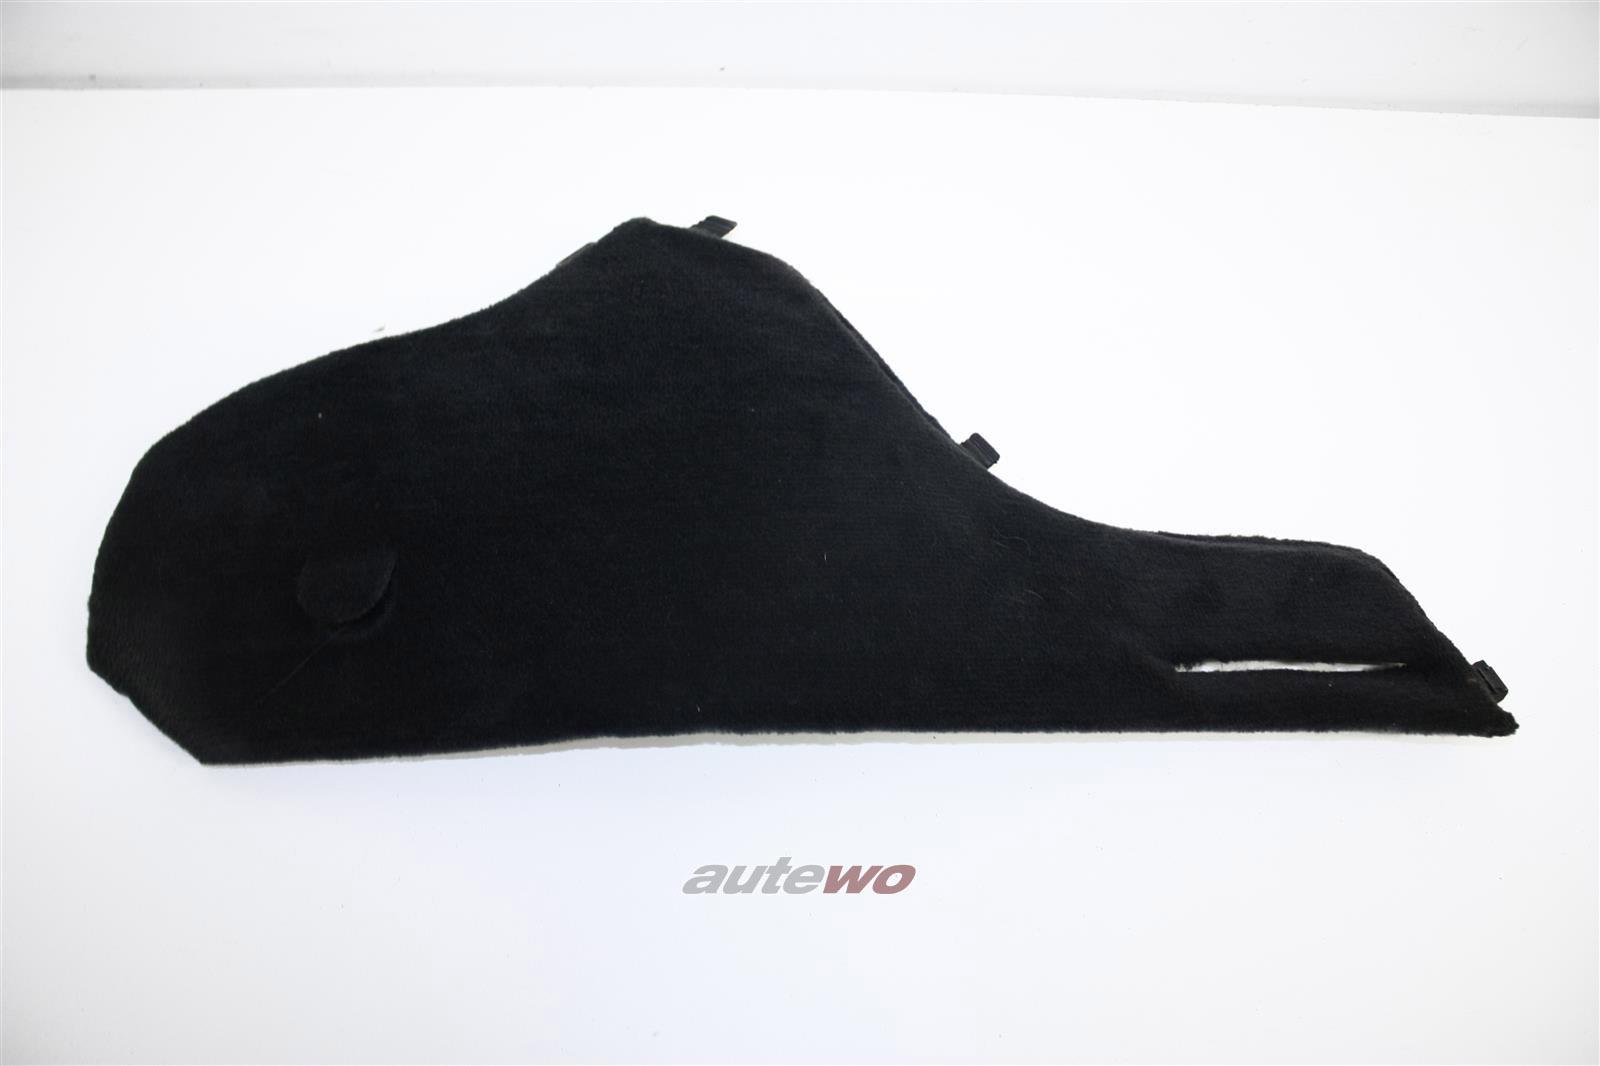 Audi 100/200 Typ 44 Verkleidung Mittelkonsole Links Graphit 447863303 443863305D